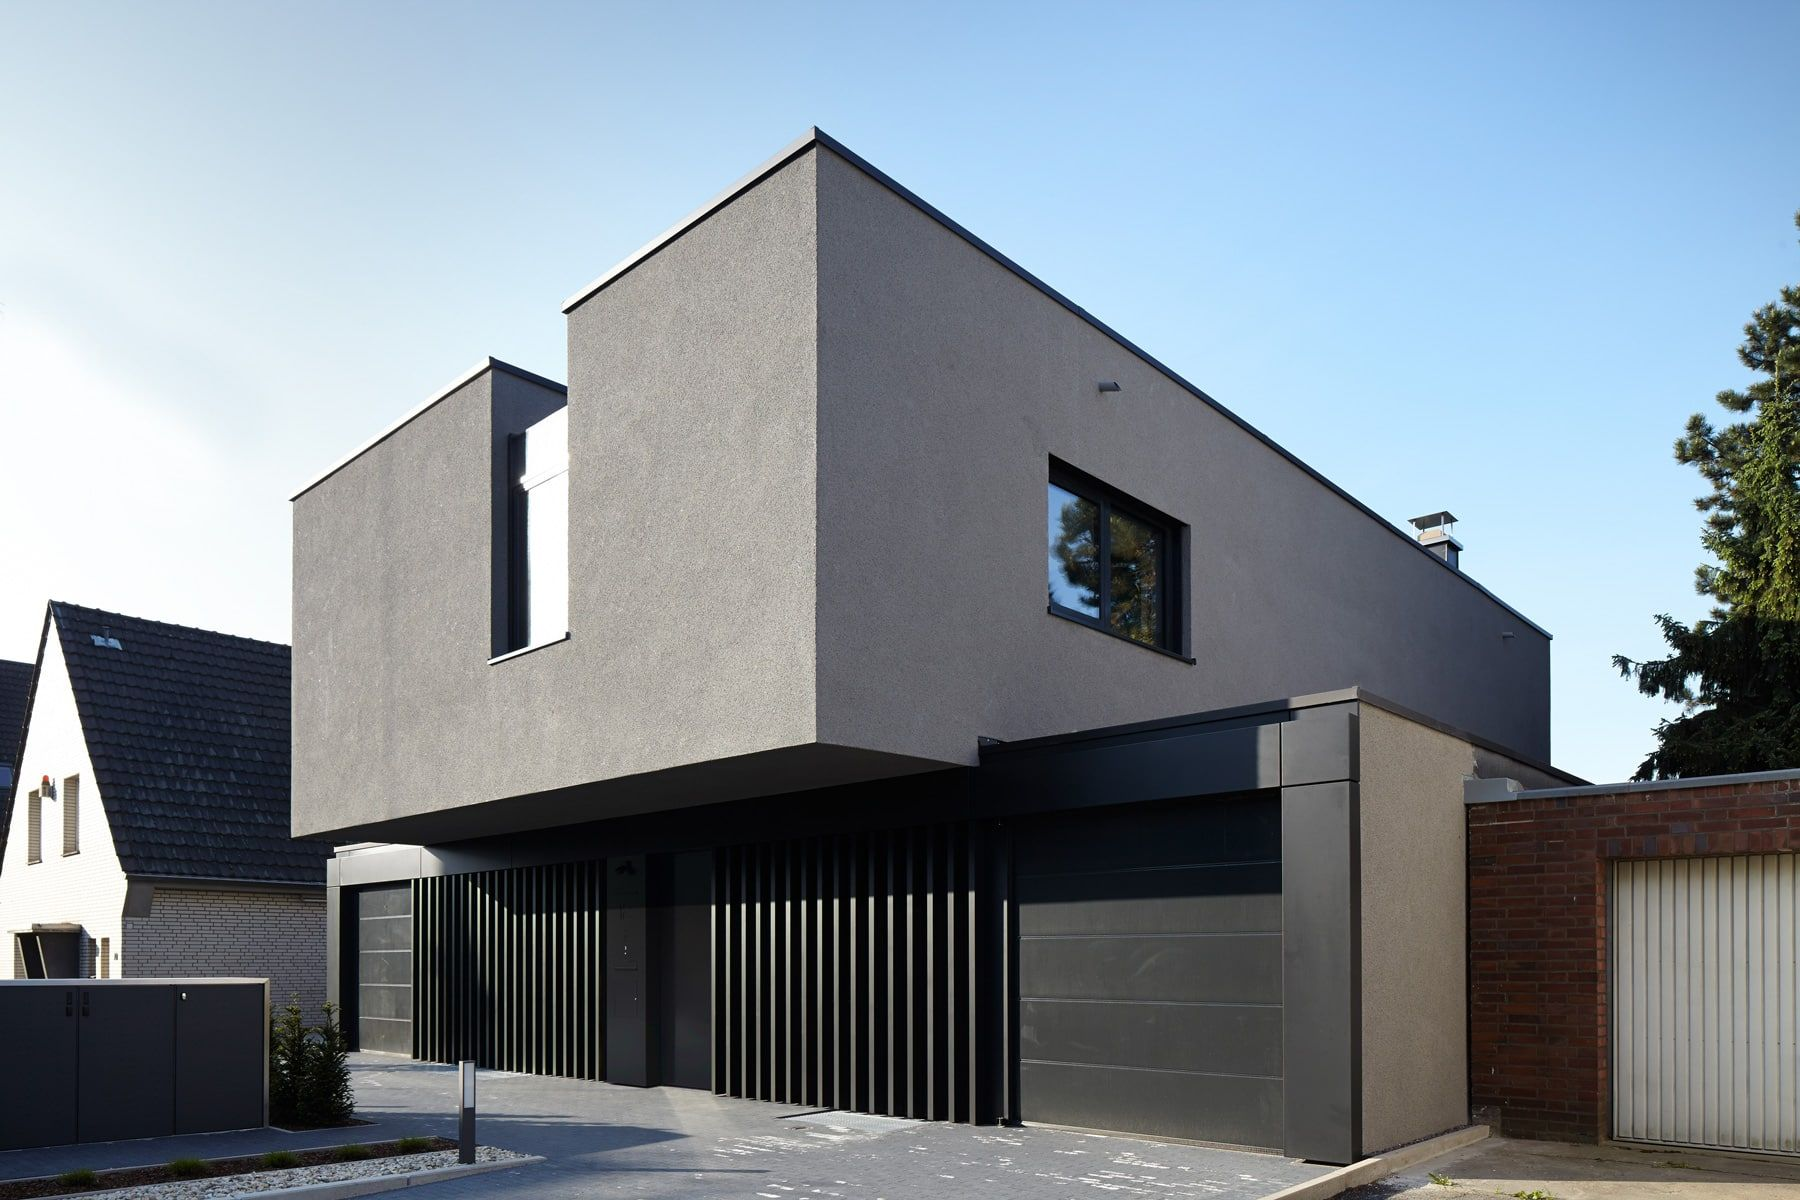 Pin von Robert Mateja auf Haus   Pinterest   Fassaden, Architektur ...